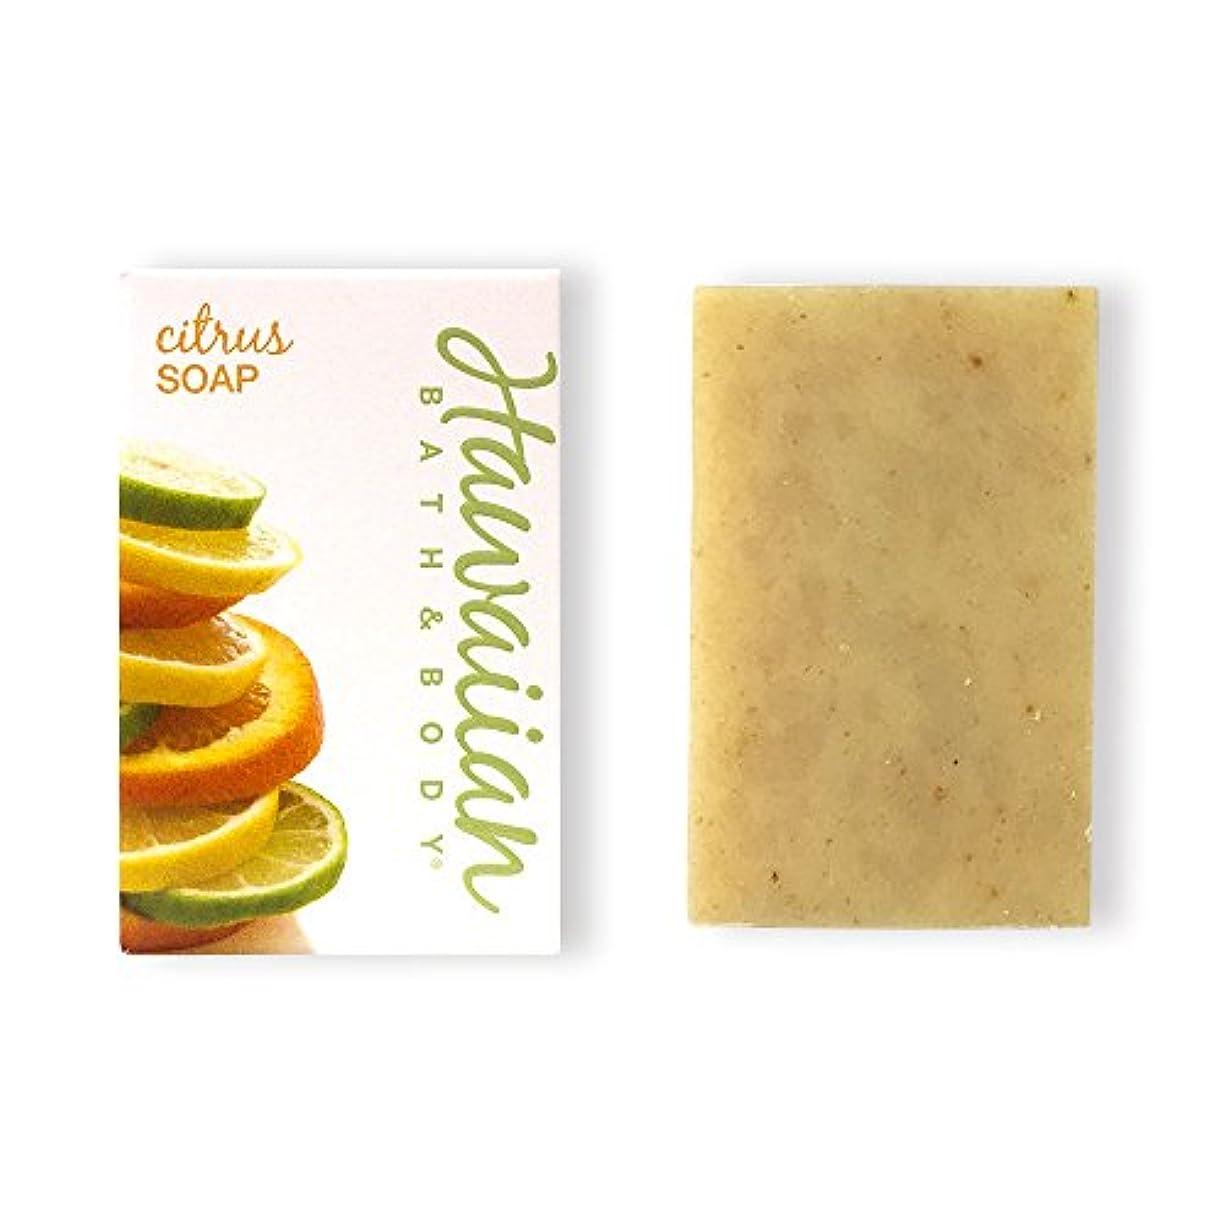 ピッチャー建てるはちみつハワイアンバス&ボディ ハワイアン?シトラスソープ( Citrus Soap )